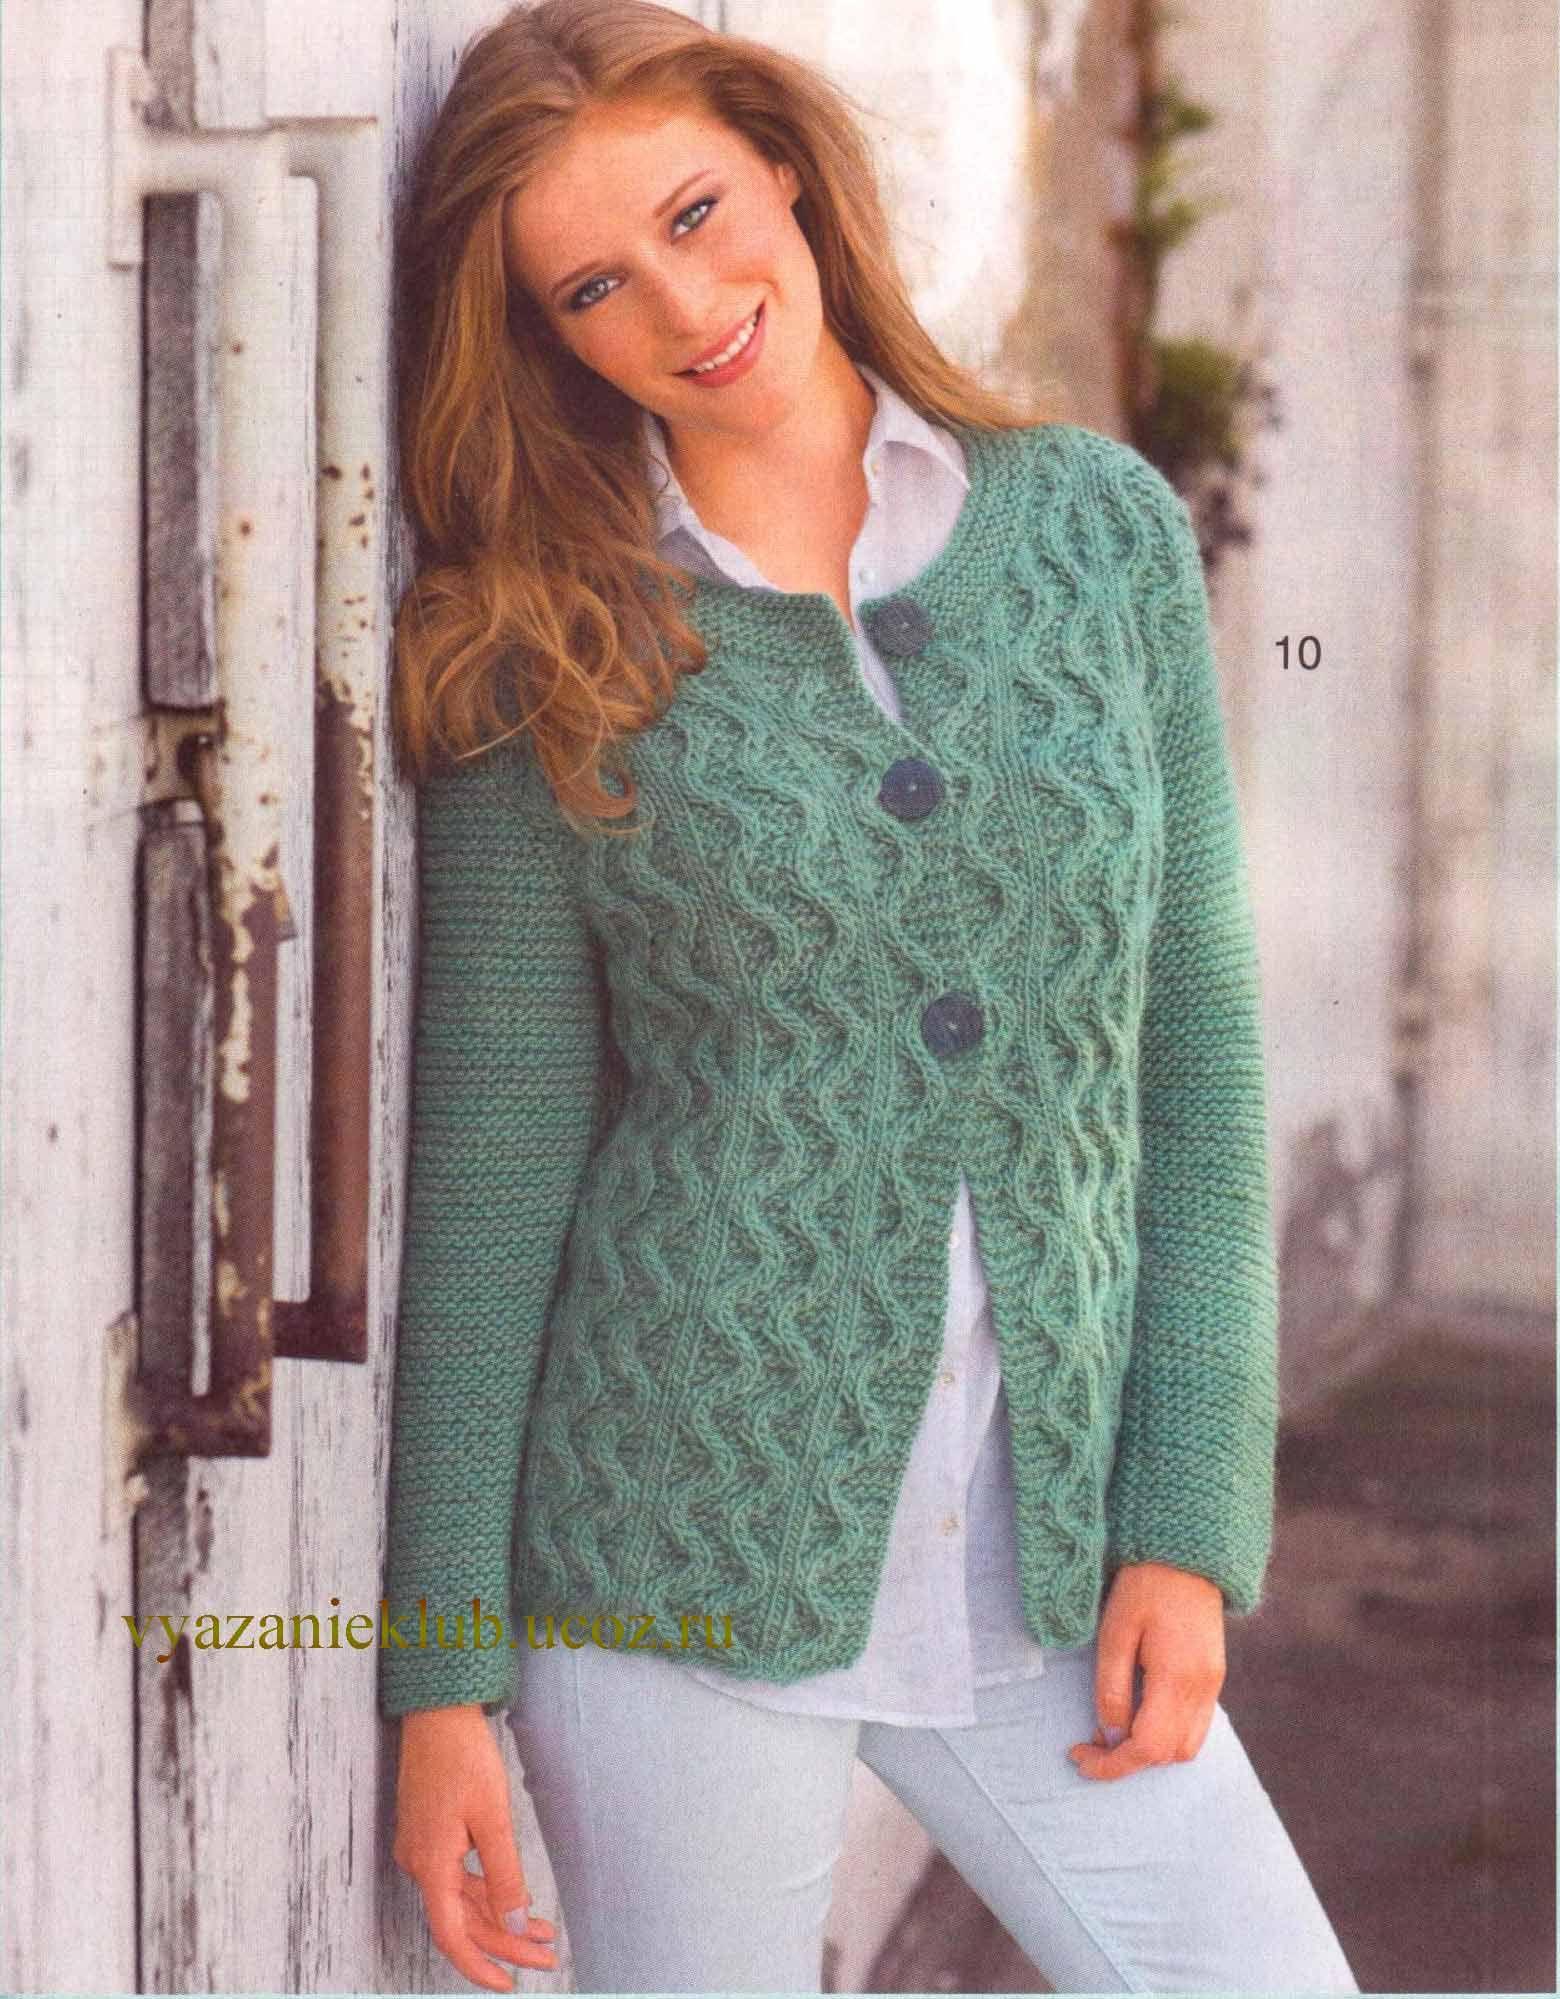 Вязаный жакет, жакет без пуговиц, вязание, вязание для женщин 788